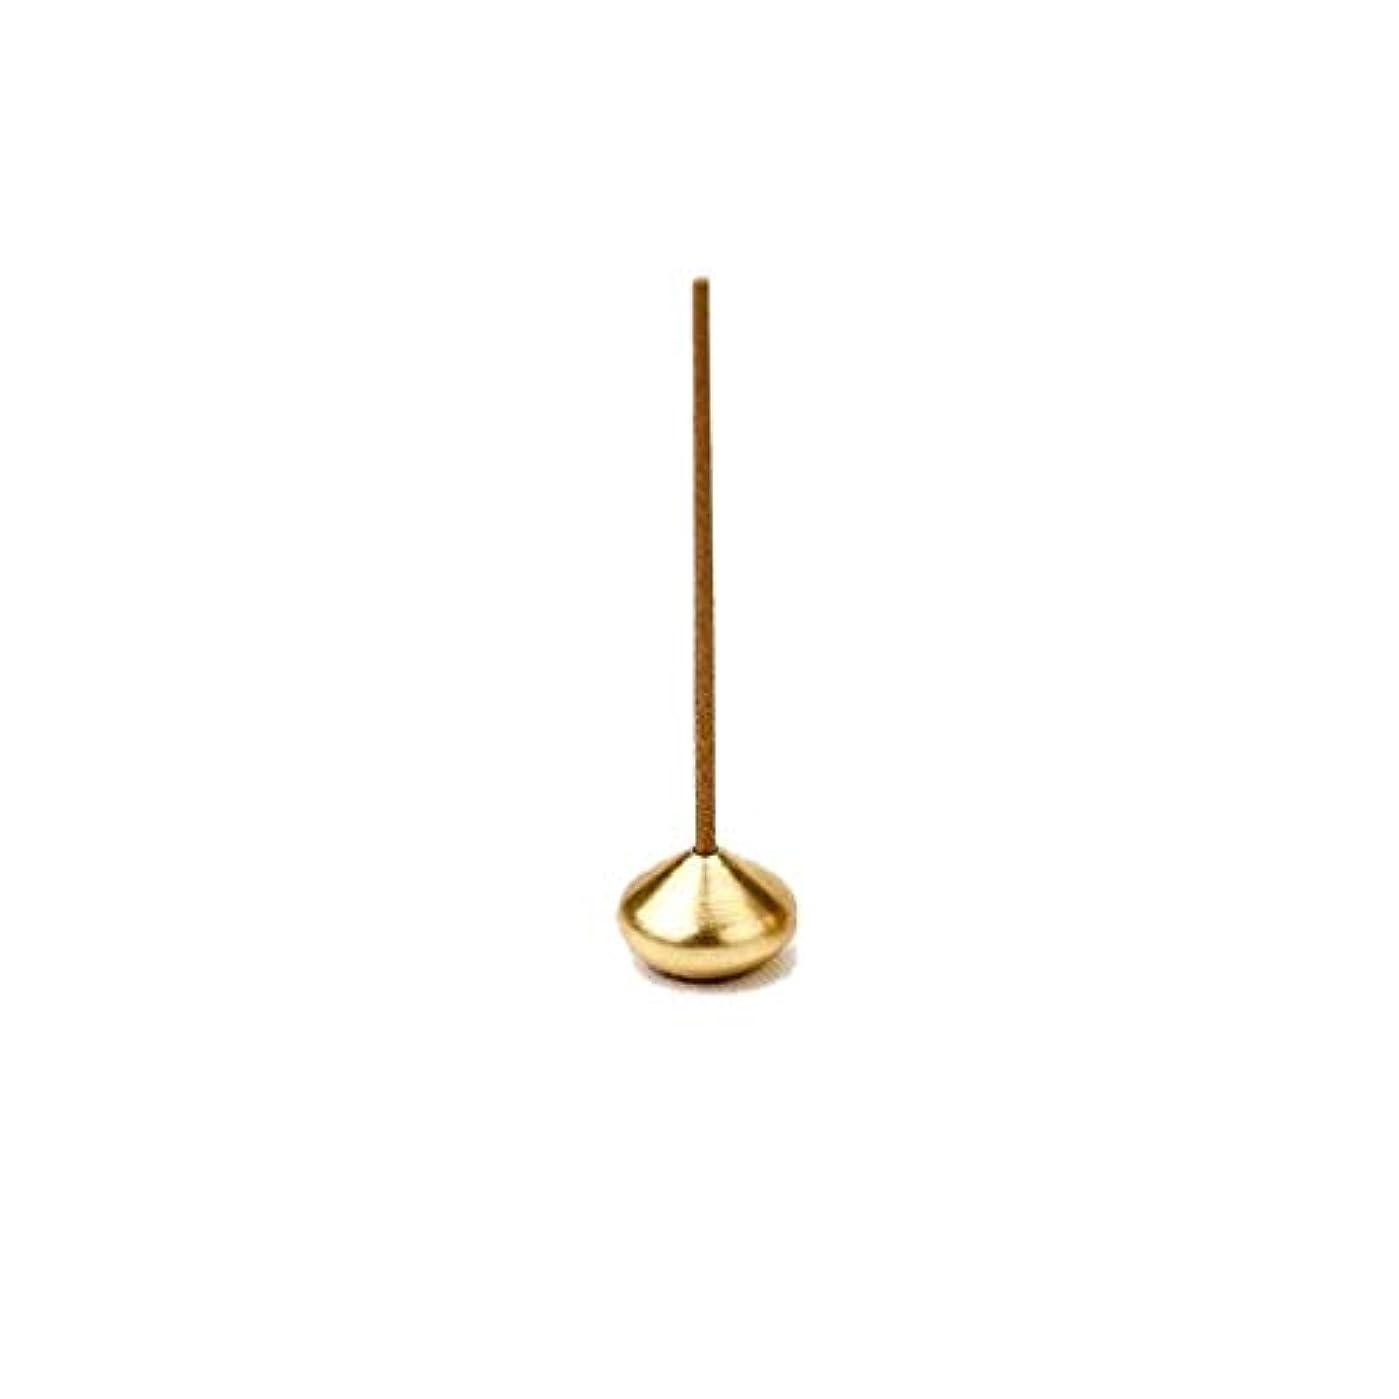 したい存在する読書銅香炉ラウンドひょうたん型香スティックコイルボトルバーナーホルダー多孔性香ホルダーホームフレグランス (Color : B)